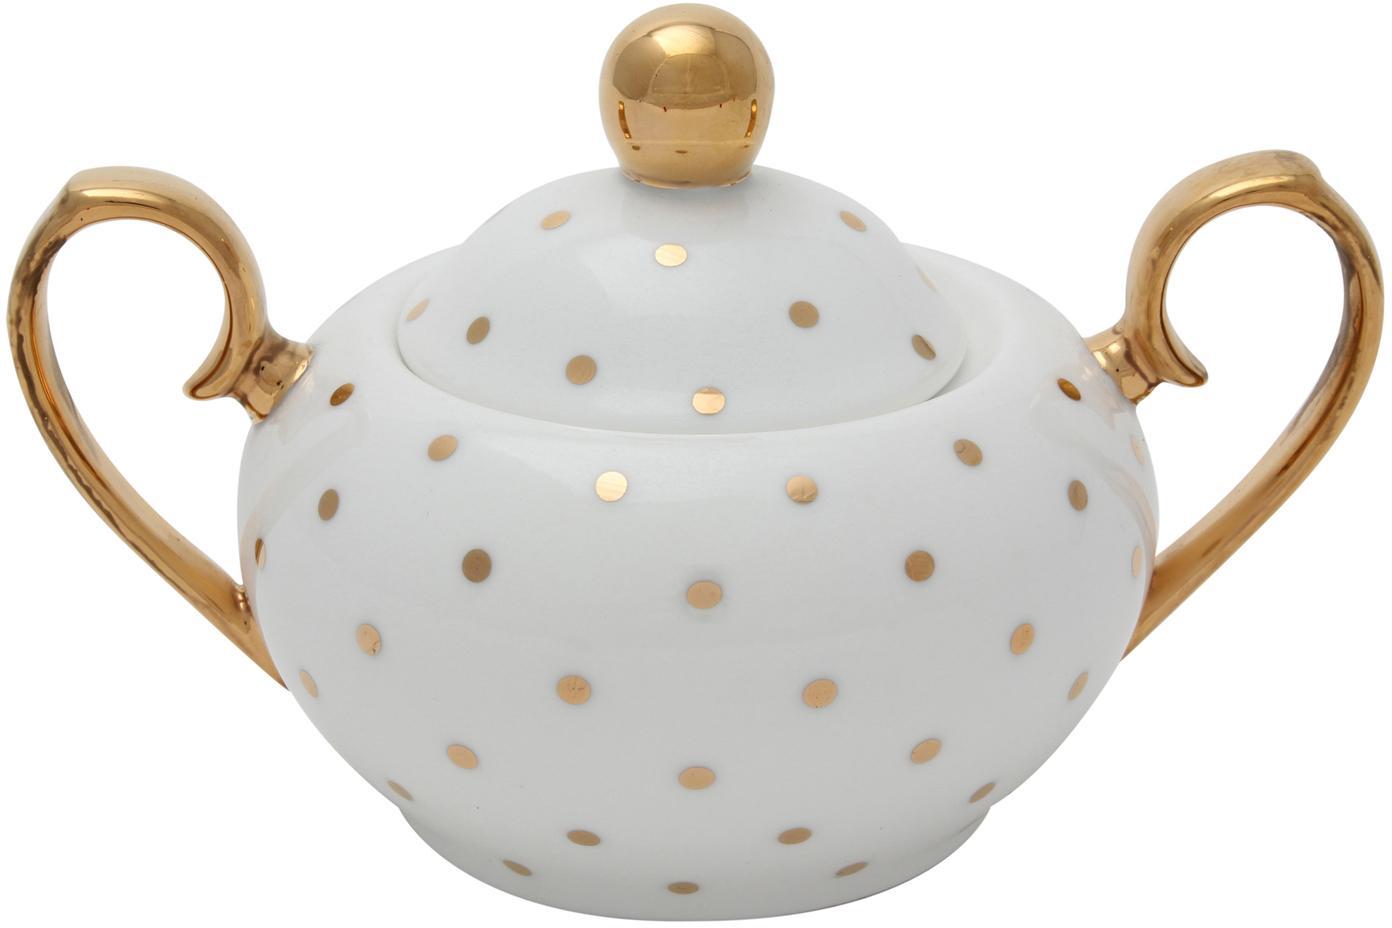 Cukiernica Miss Golightly, Chińska porcelana, pozłacana, Biały, złoty, Ø 9 x 8 cm